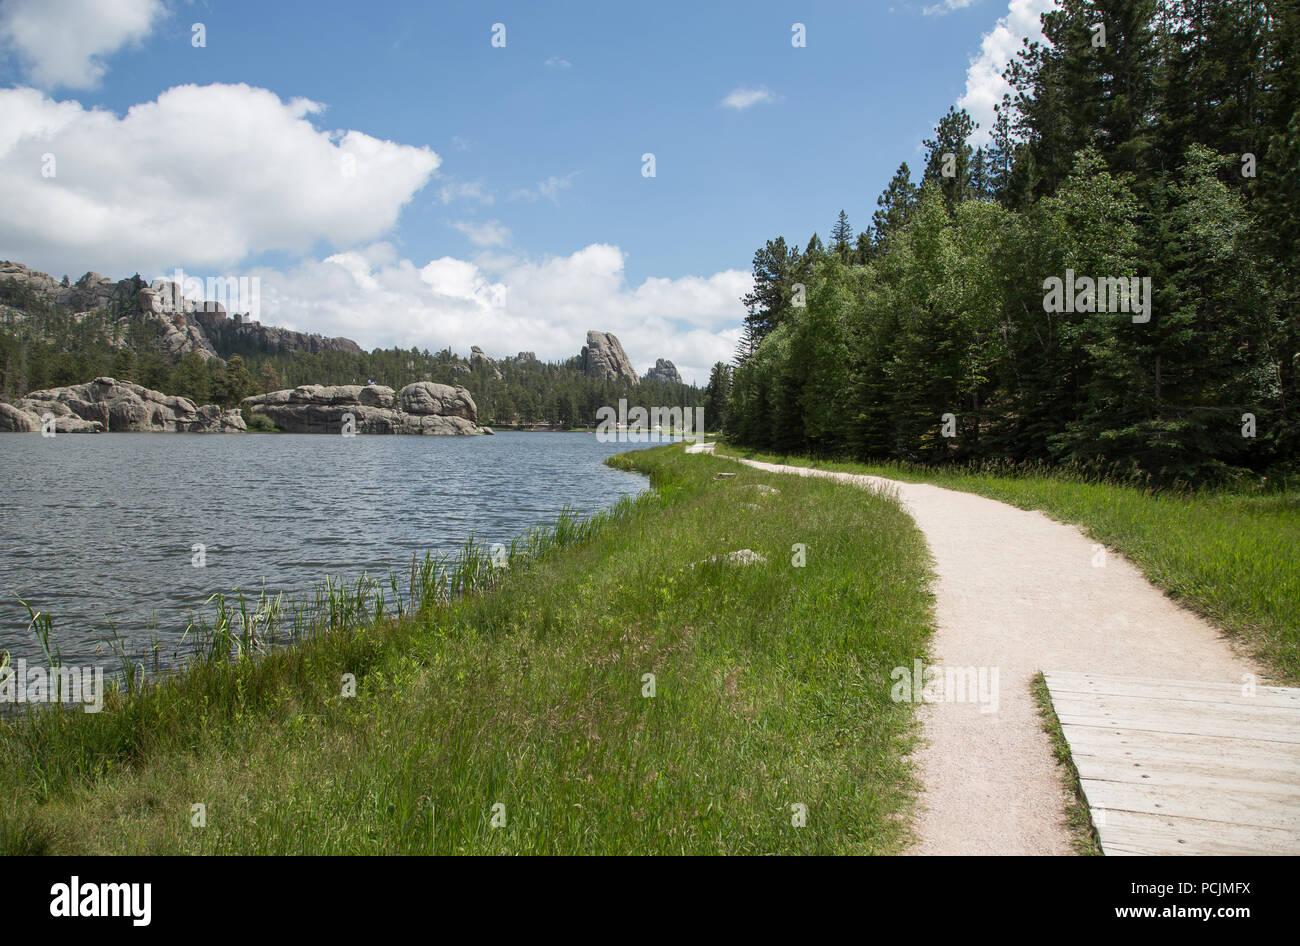 Walking Path along mountain lake - Stock Image